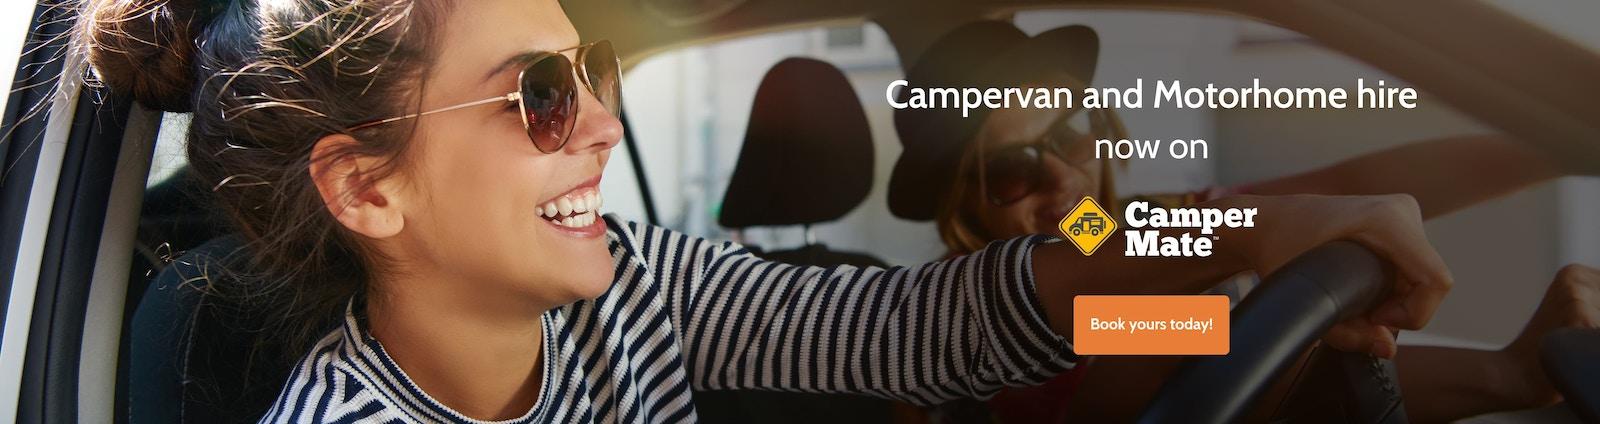 Rentals on CamperMate